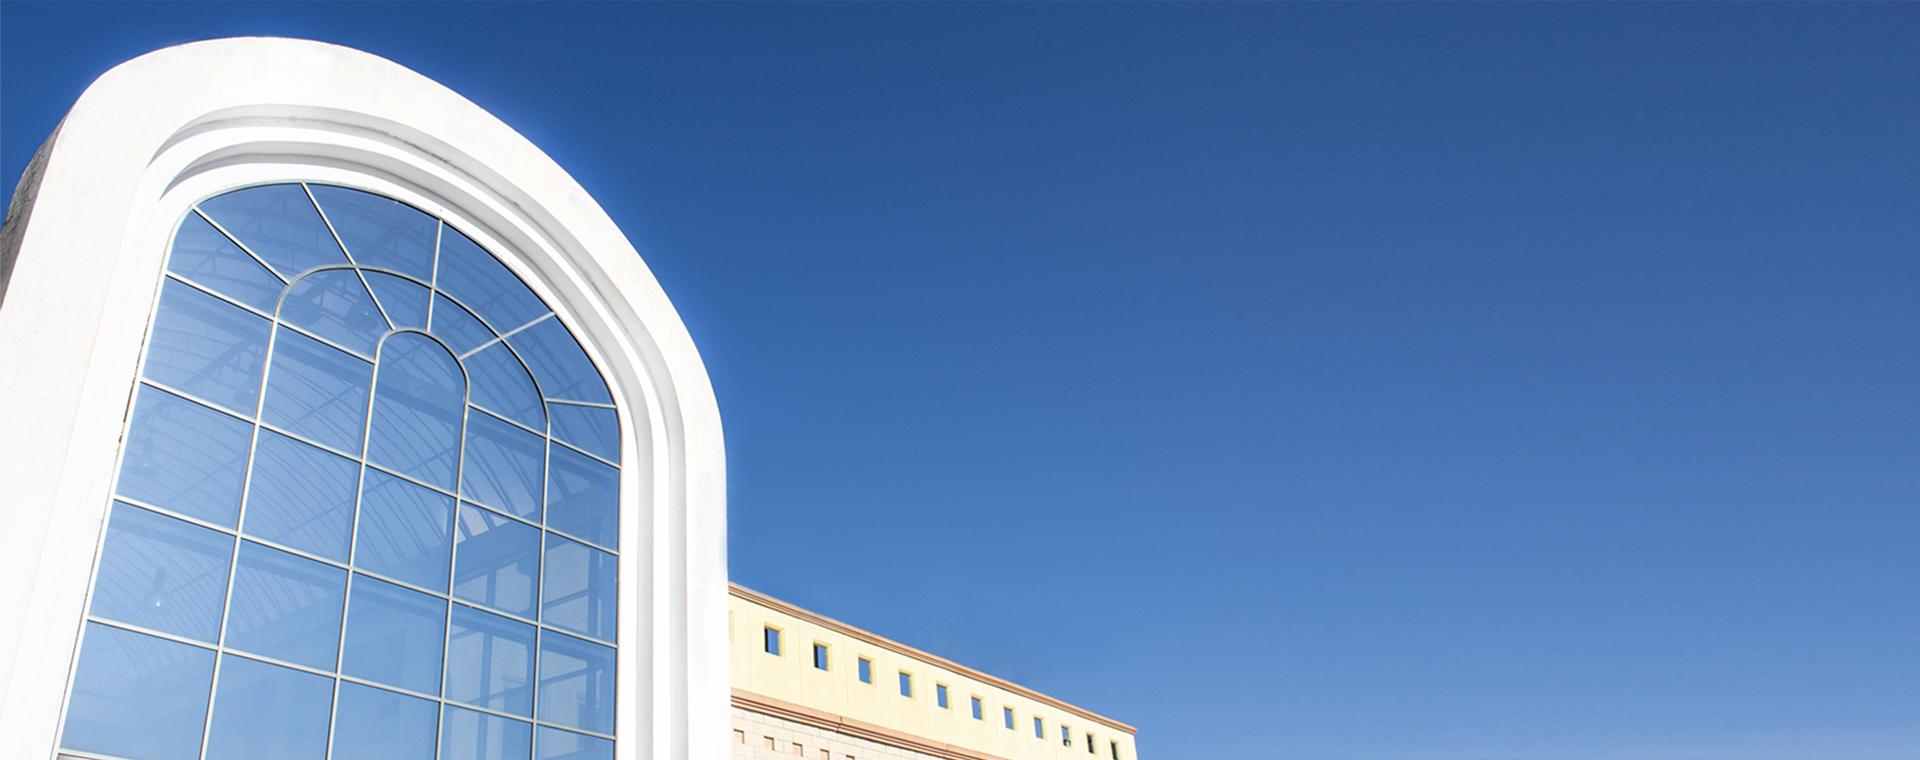 akropolis-parco-commerciale-2